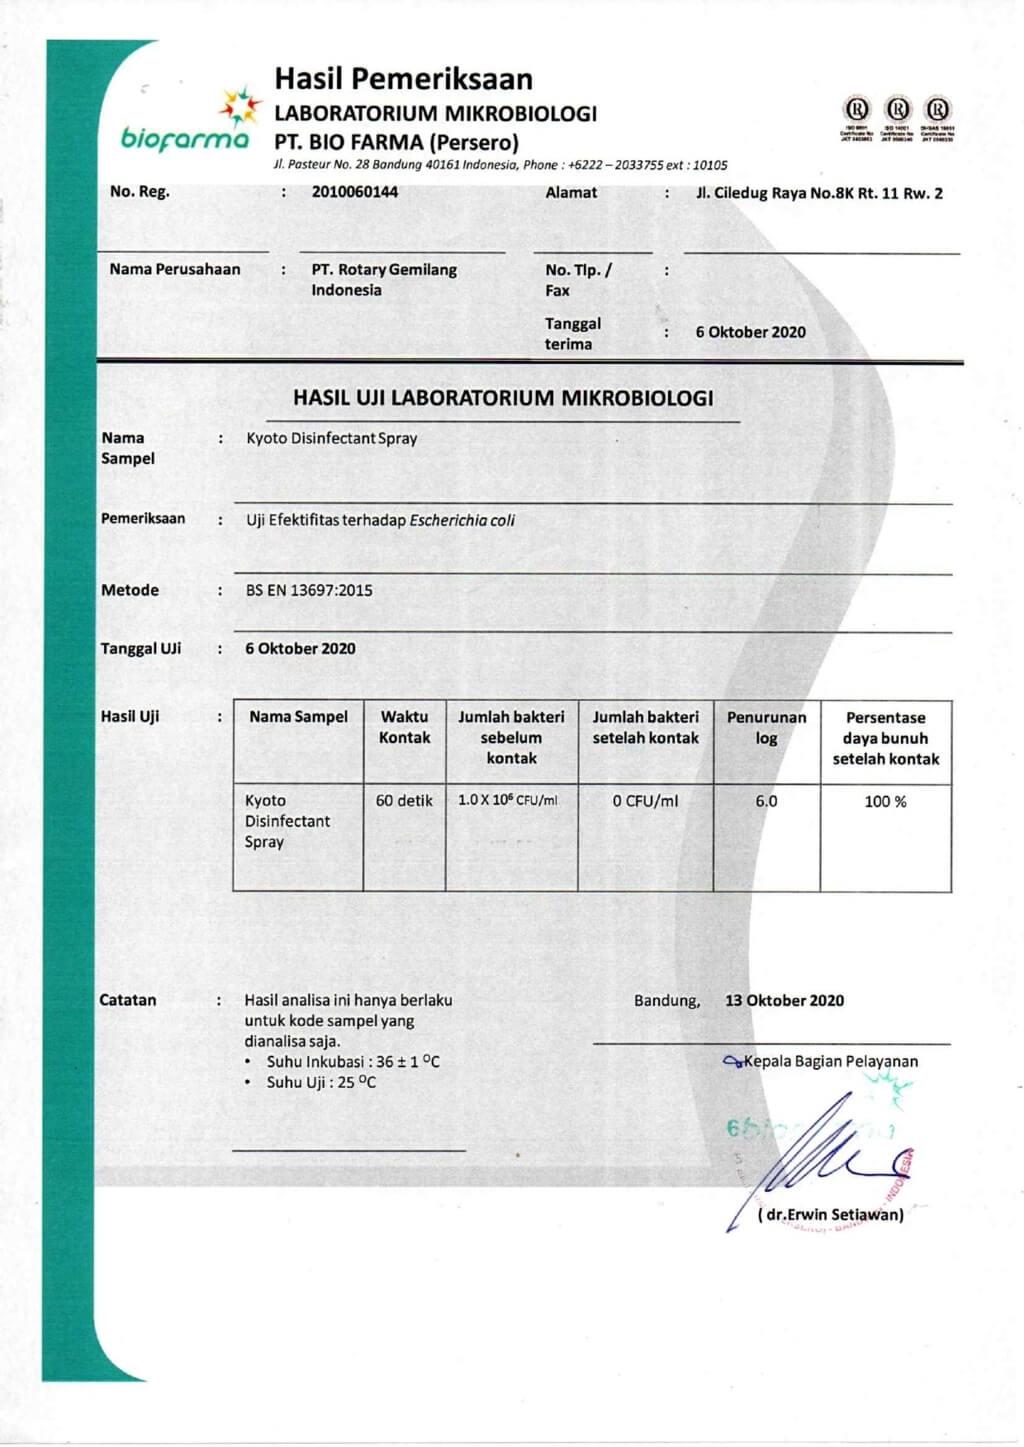 optimize- Hasil Lab Biofarma Aerosol_pages-to-jpg-0001